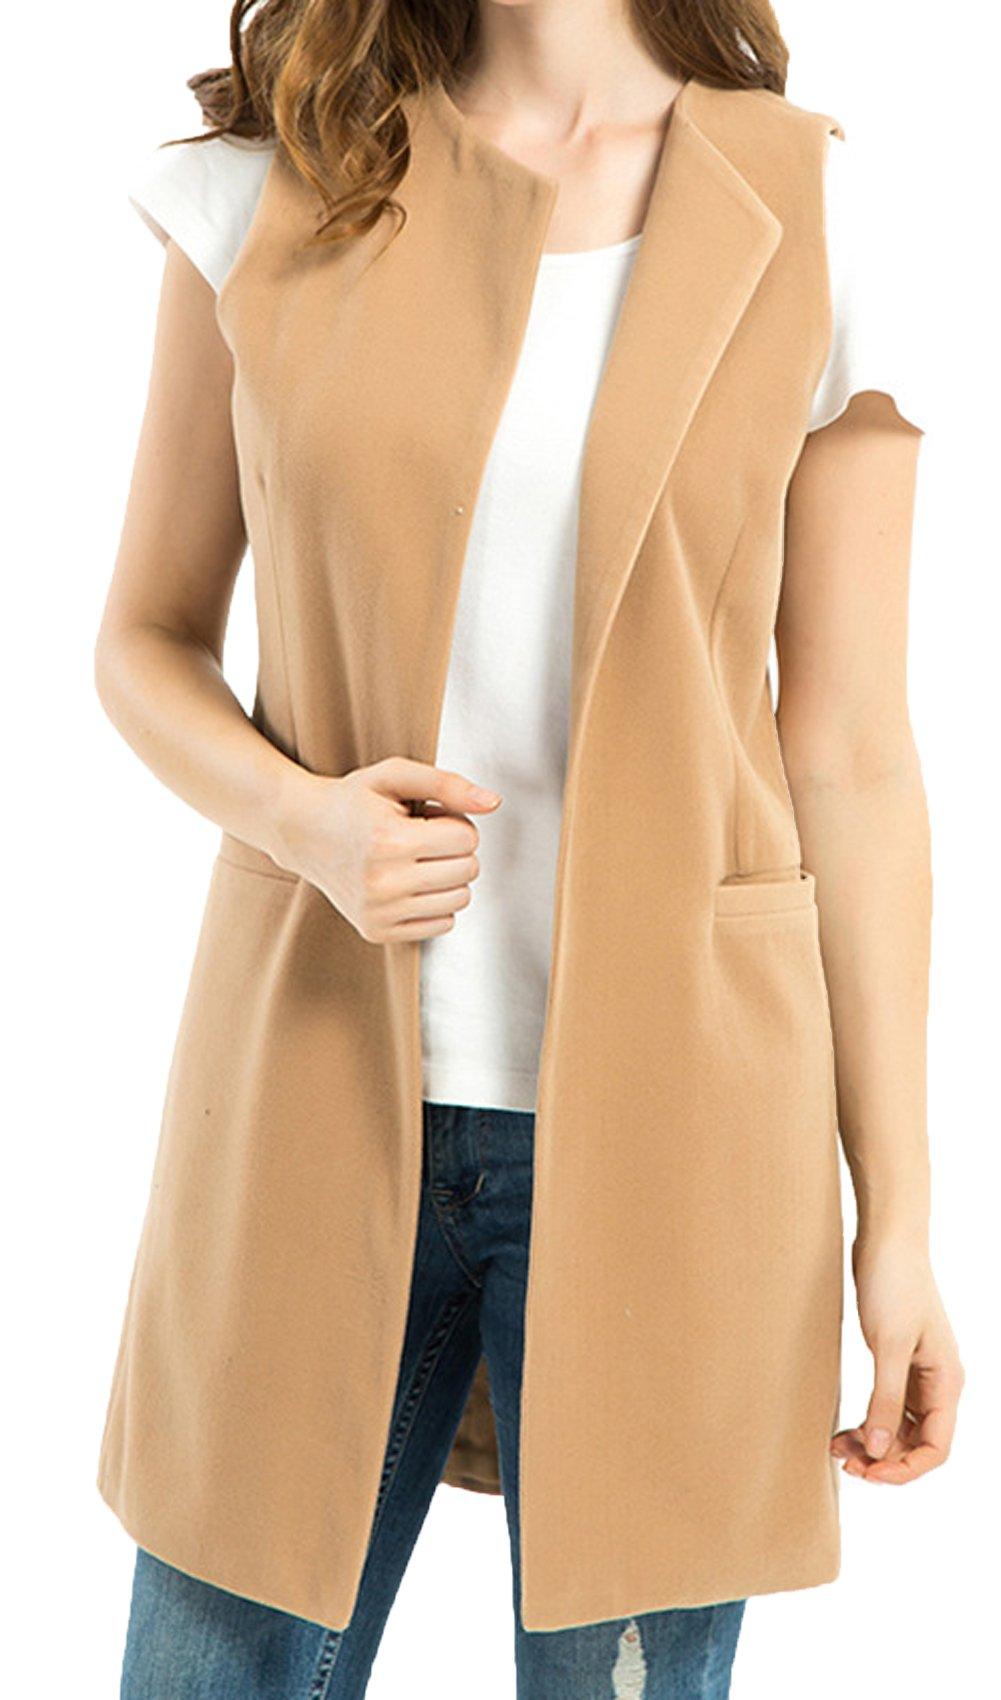 JOKHOO Women's Wool Blend Sleeveless Long Vest Jacket Longline Slim Waistcoat,Camel,Large